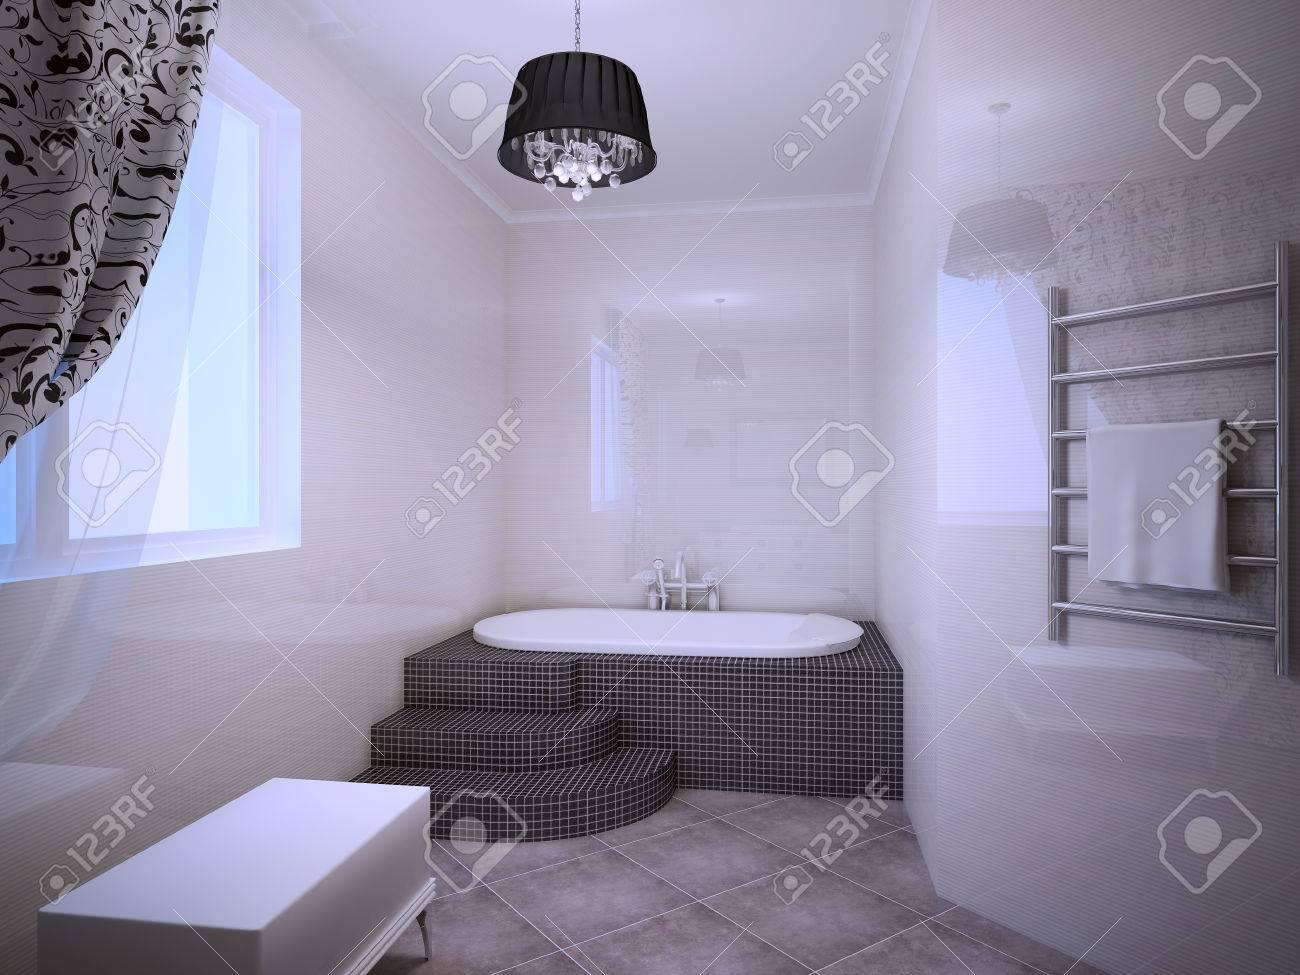 Banque Du0027images   Belle Salle De Bains Avec Jacuzzi Dans Le Style Art Déco.  Abricot Clair Murs Colorés. 3D Render